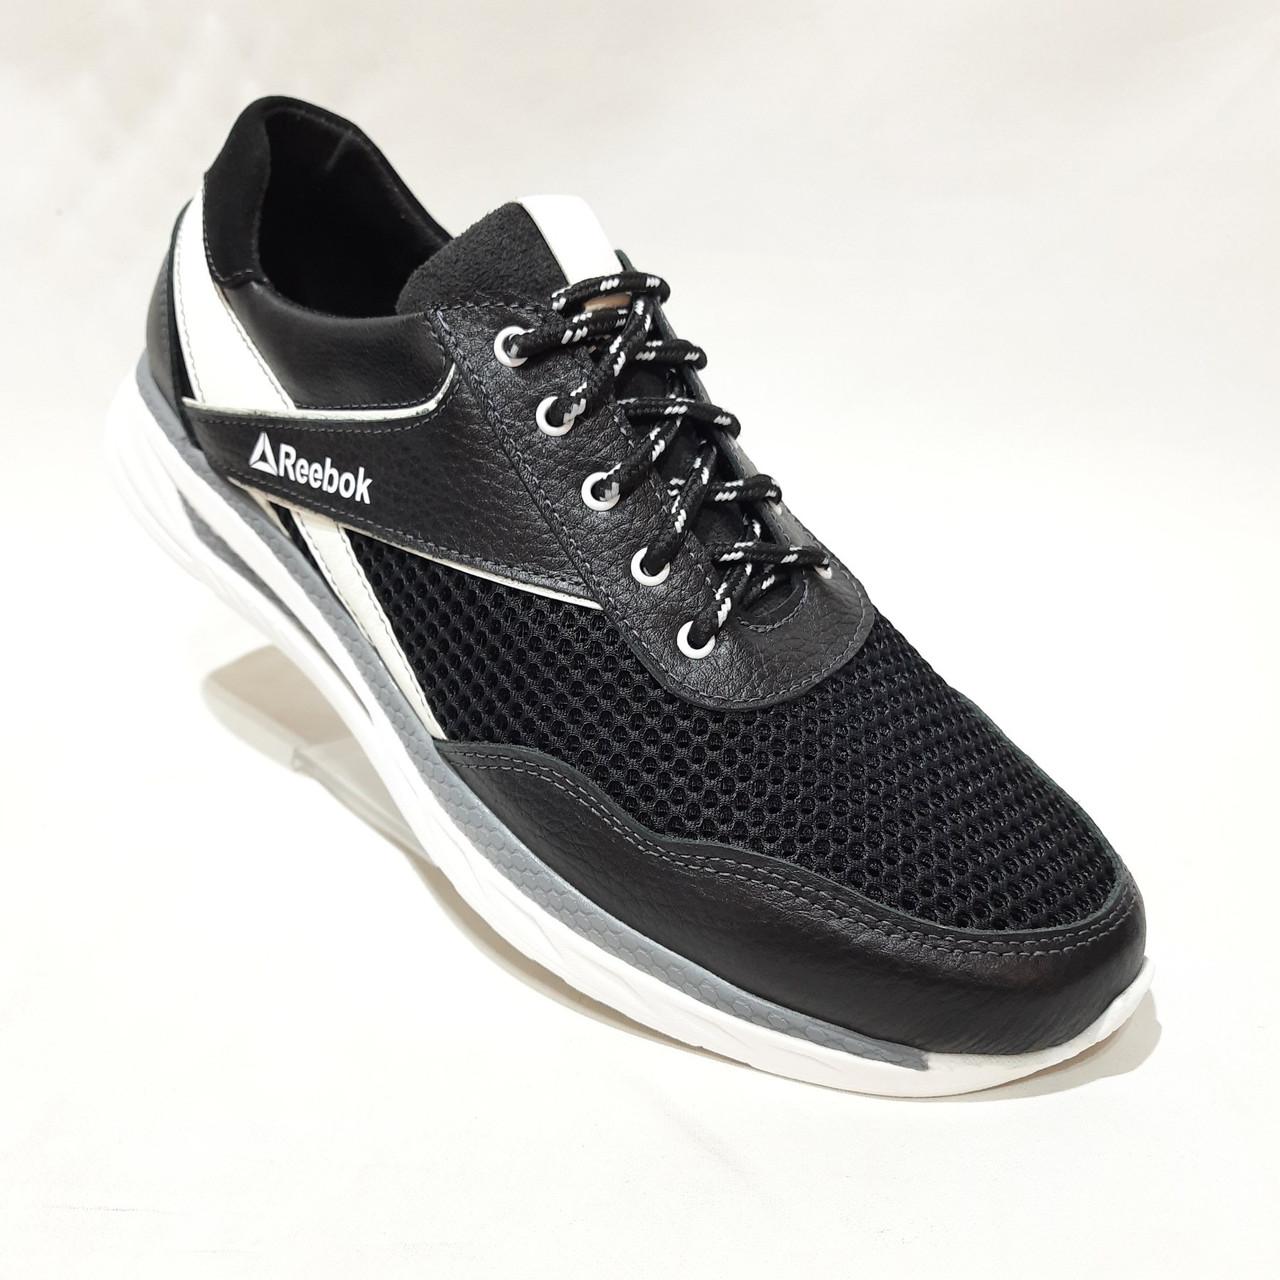 Летние мужские кроссовки (Больших размеров) в стиле Reebok Кожа+сетка черные 46,47,48,49,50